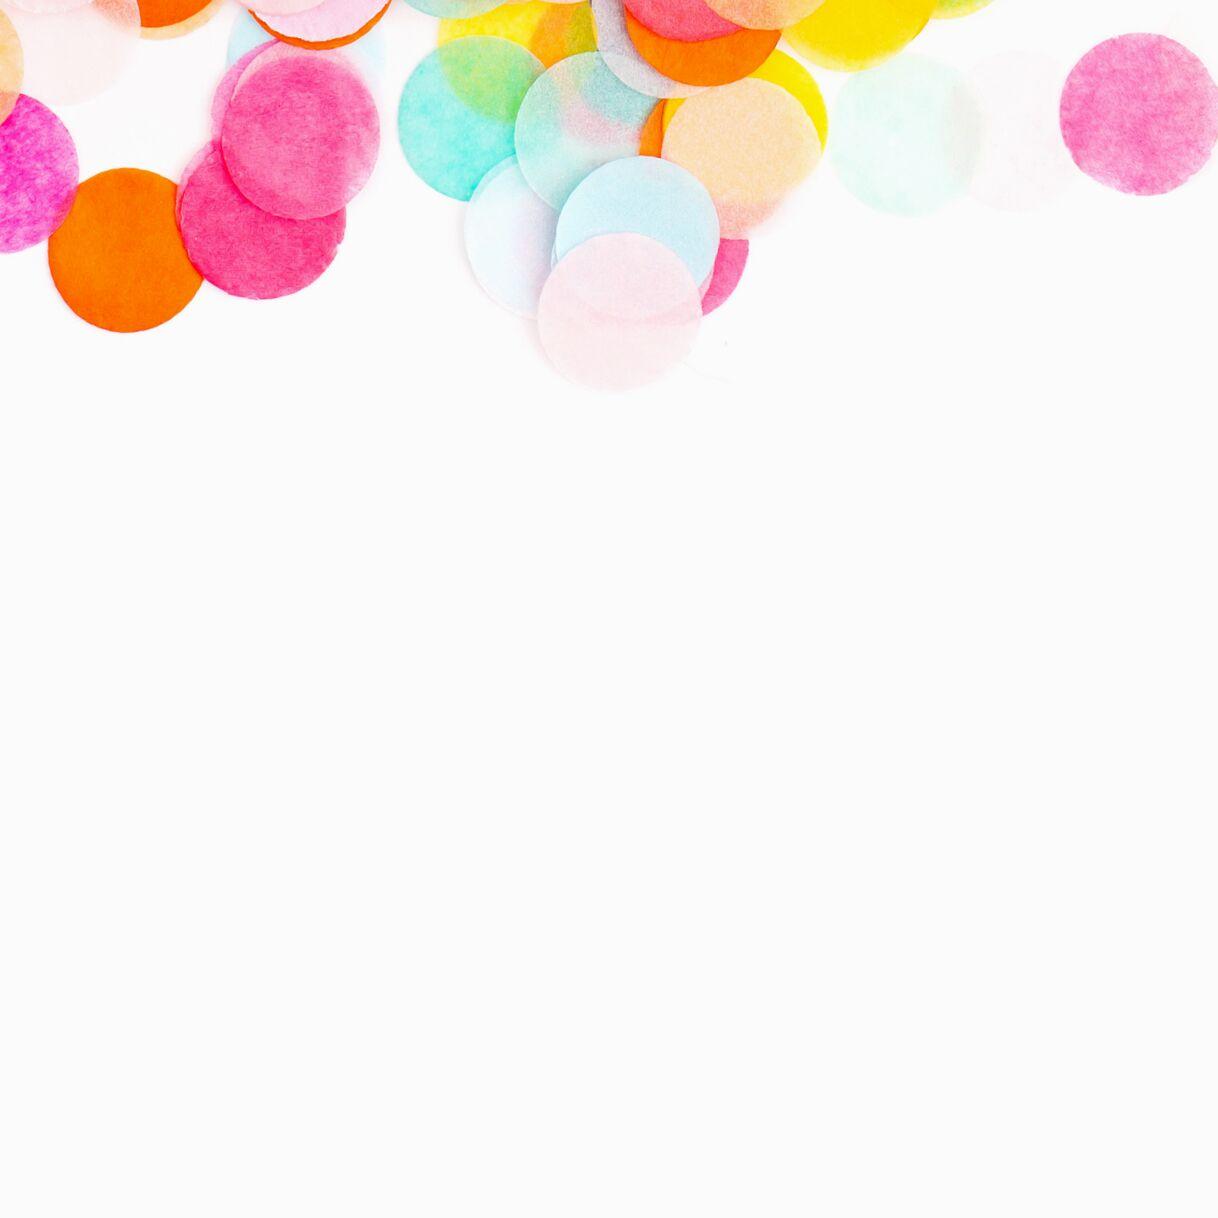 colorful tissue paper confetti